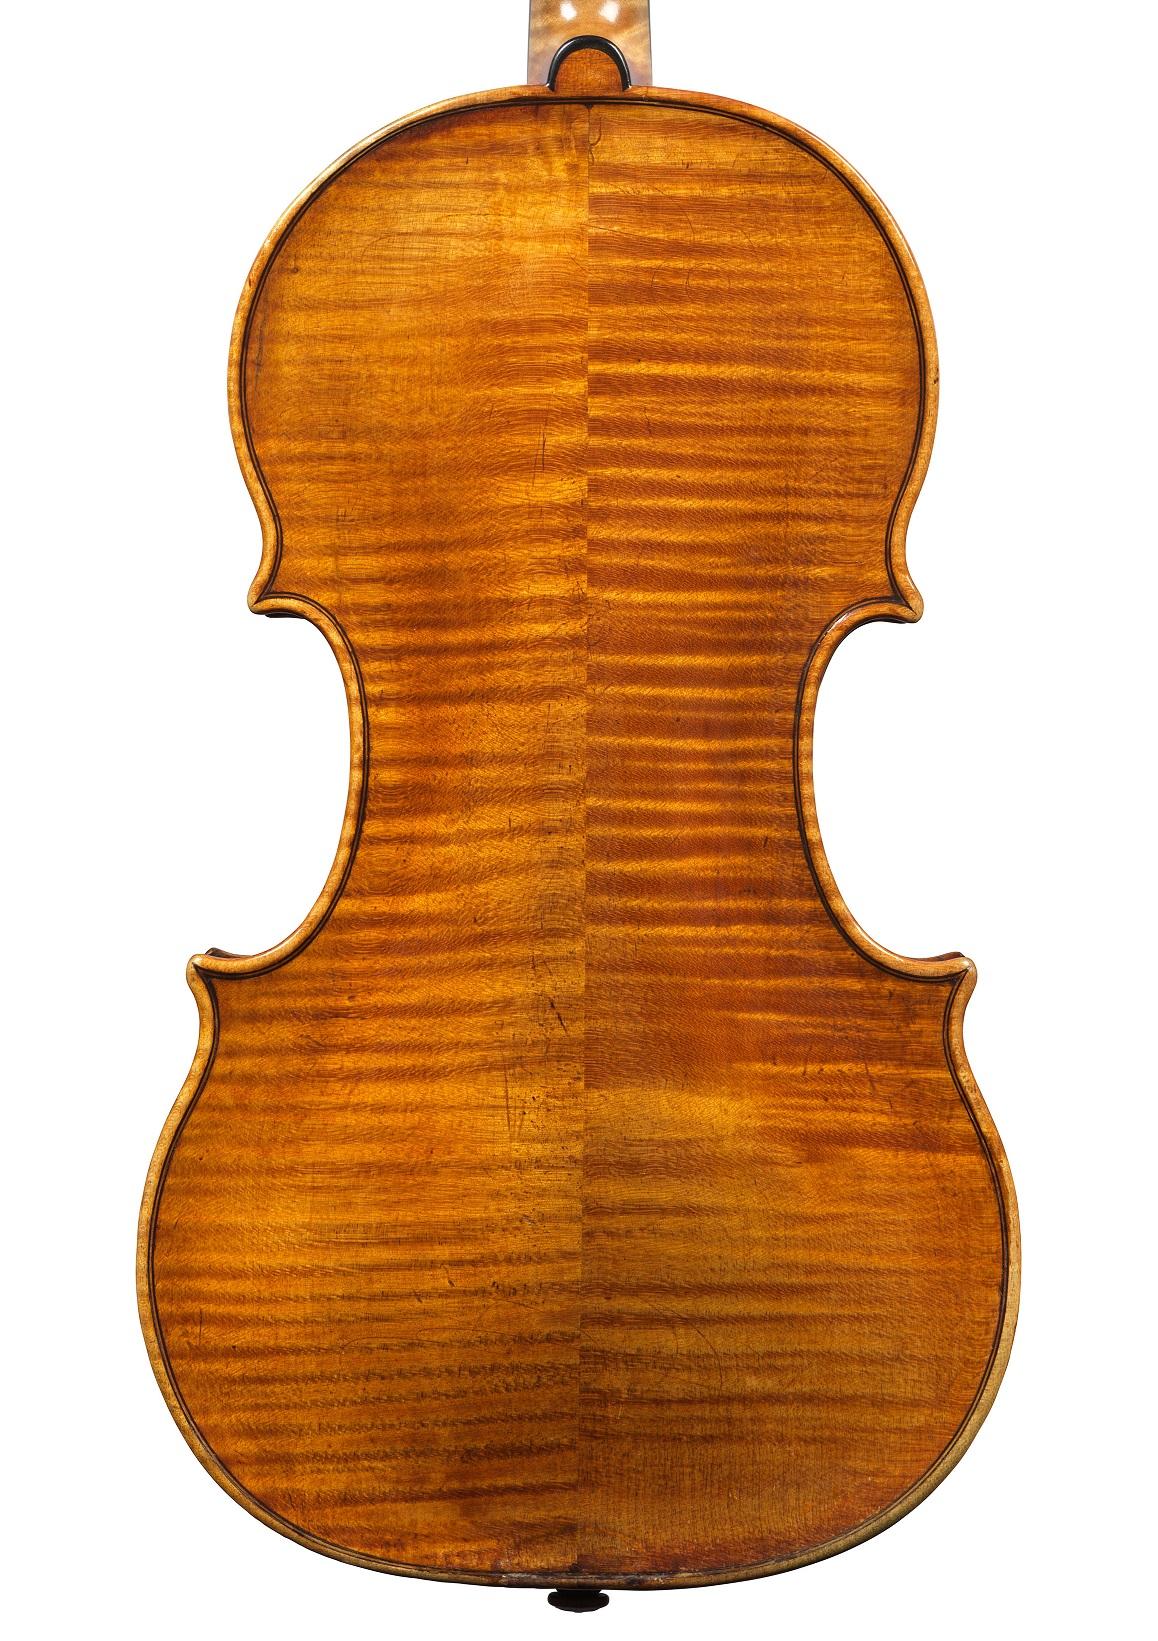 Back of a violin by Nicolo Amati, Cremona, 1650